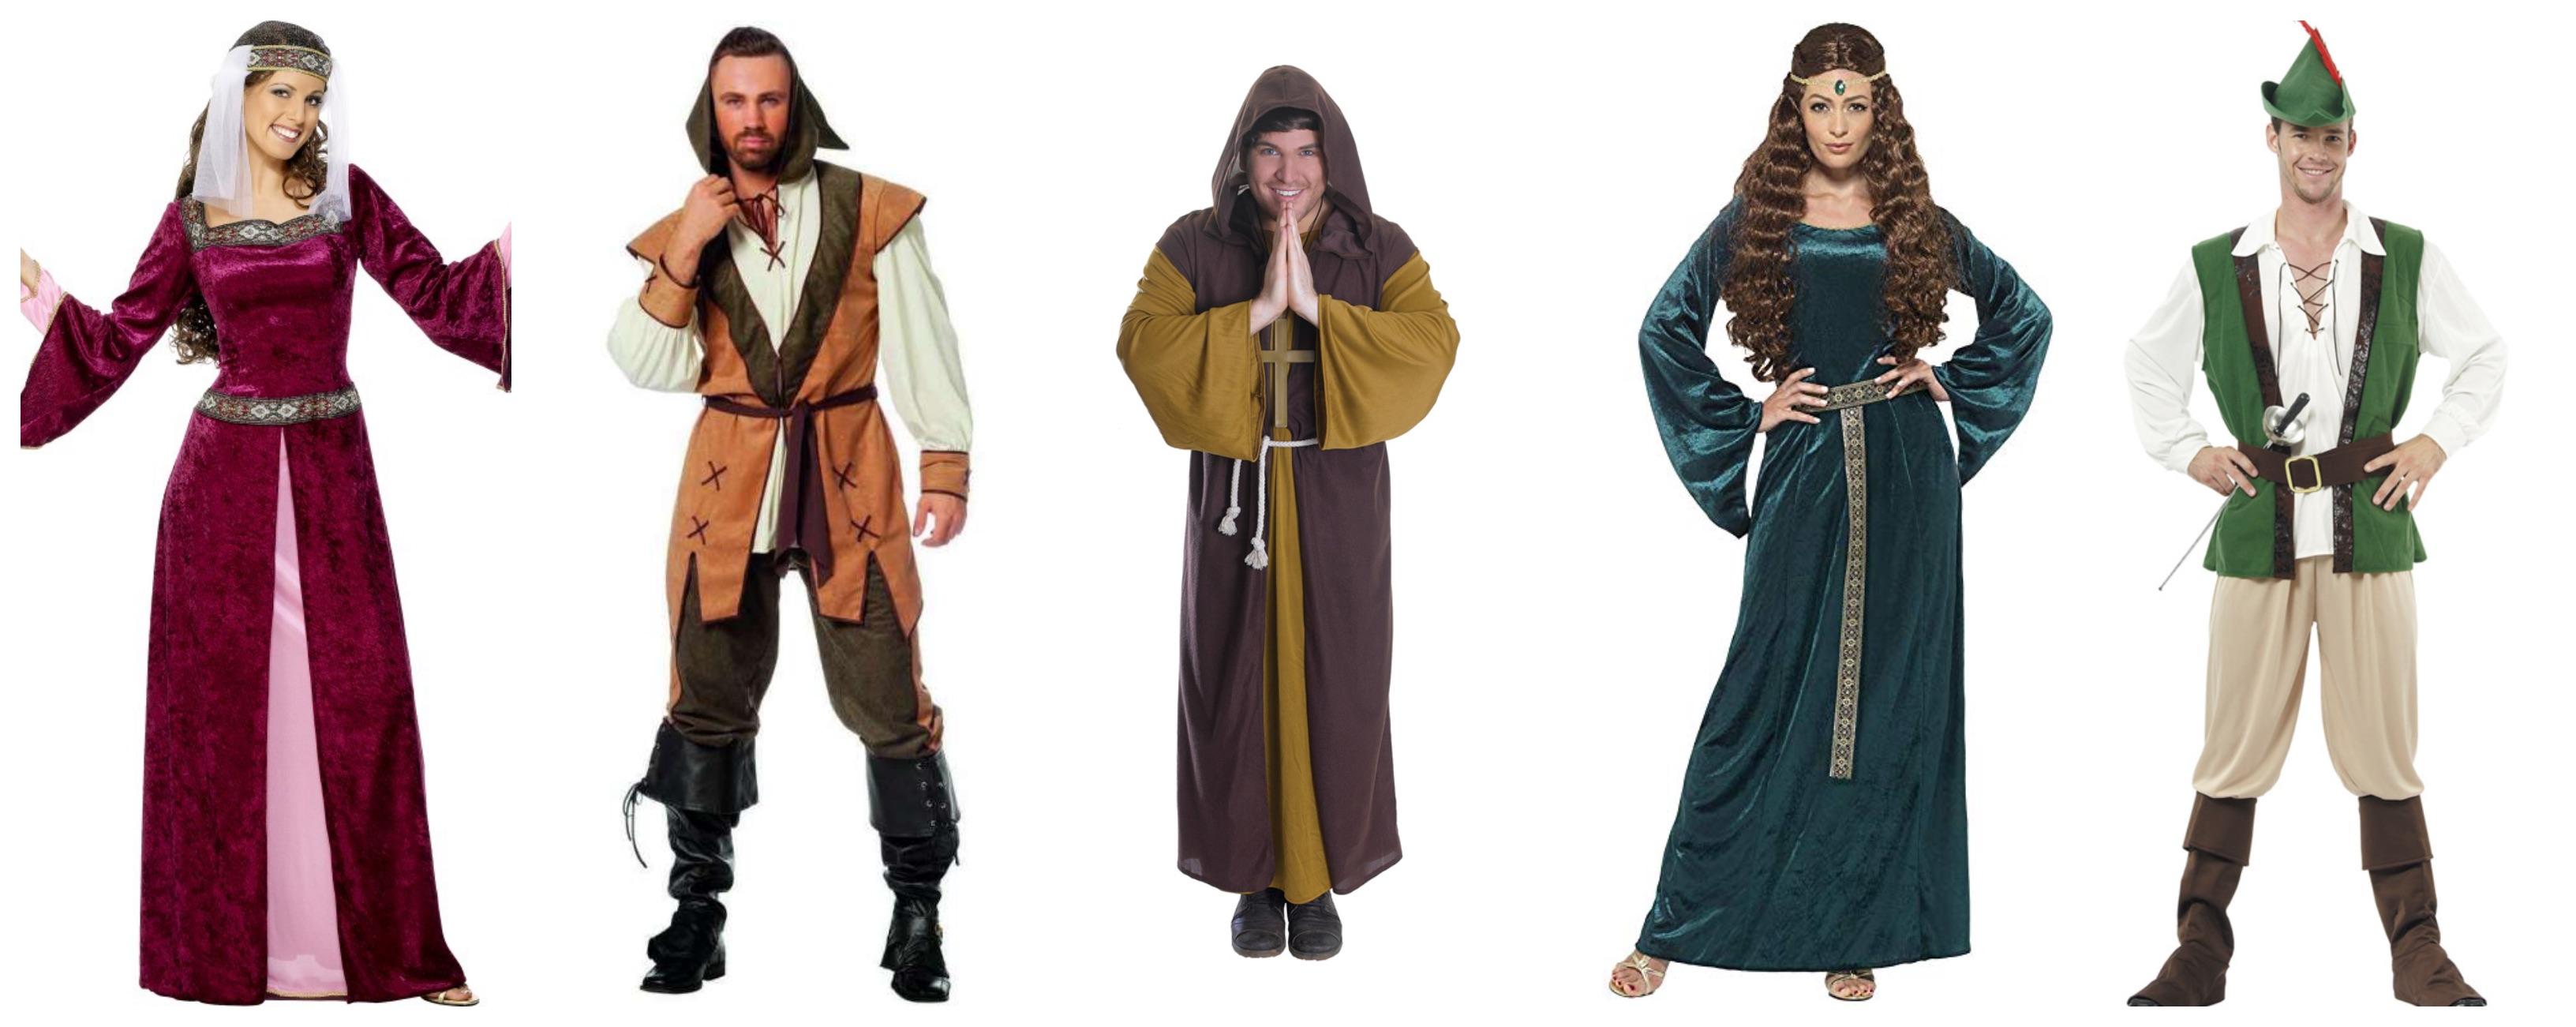 robin hood kostume til voksne 1 - Robin Hood kostume til voksne